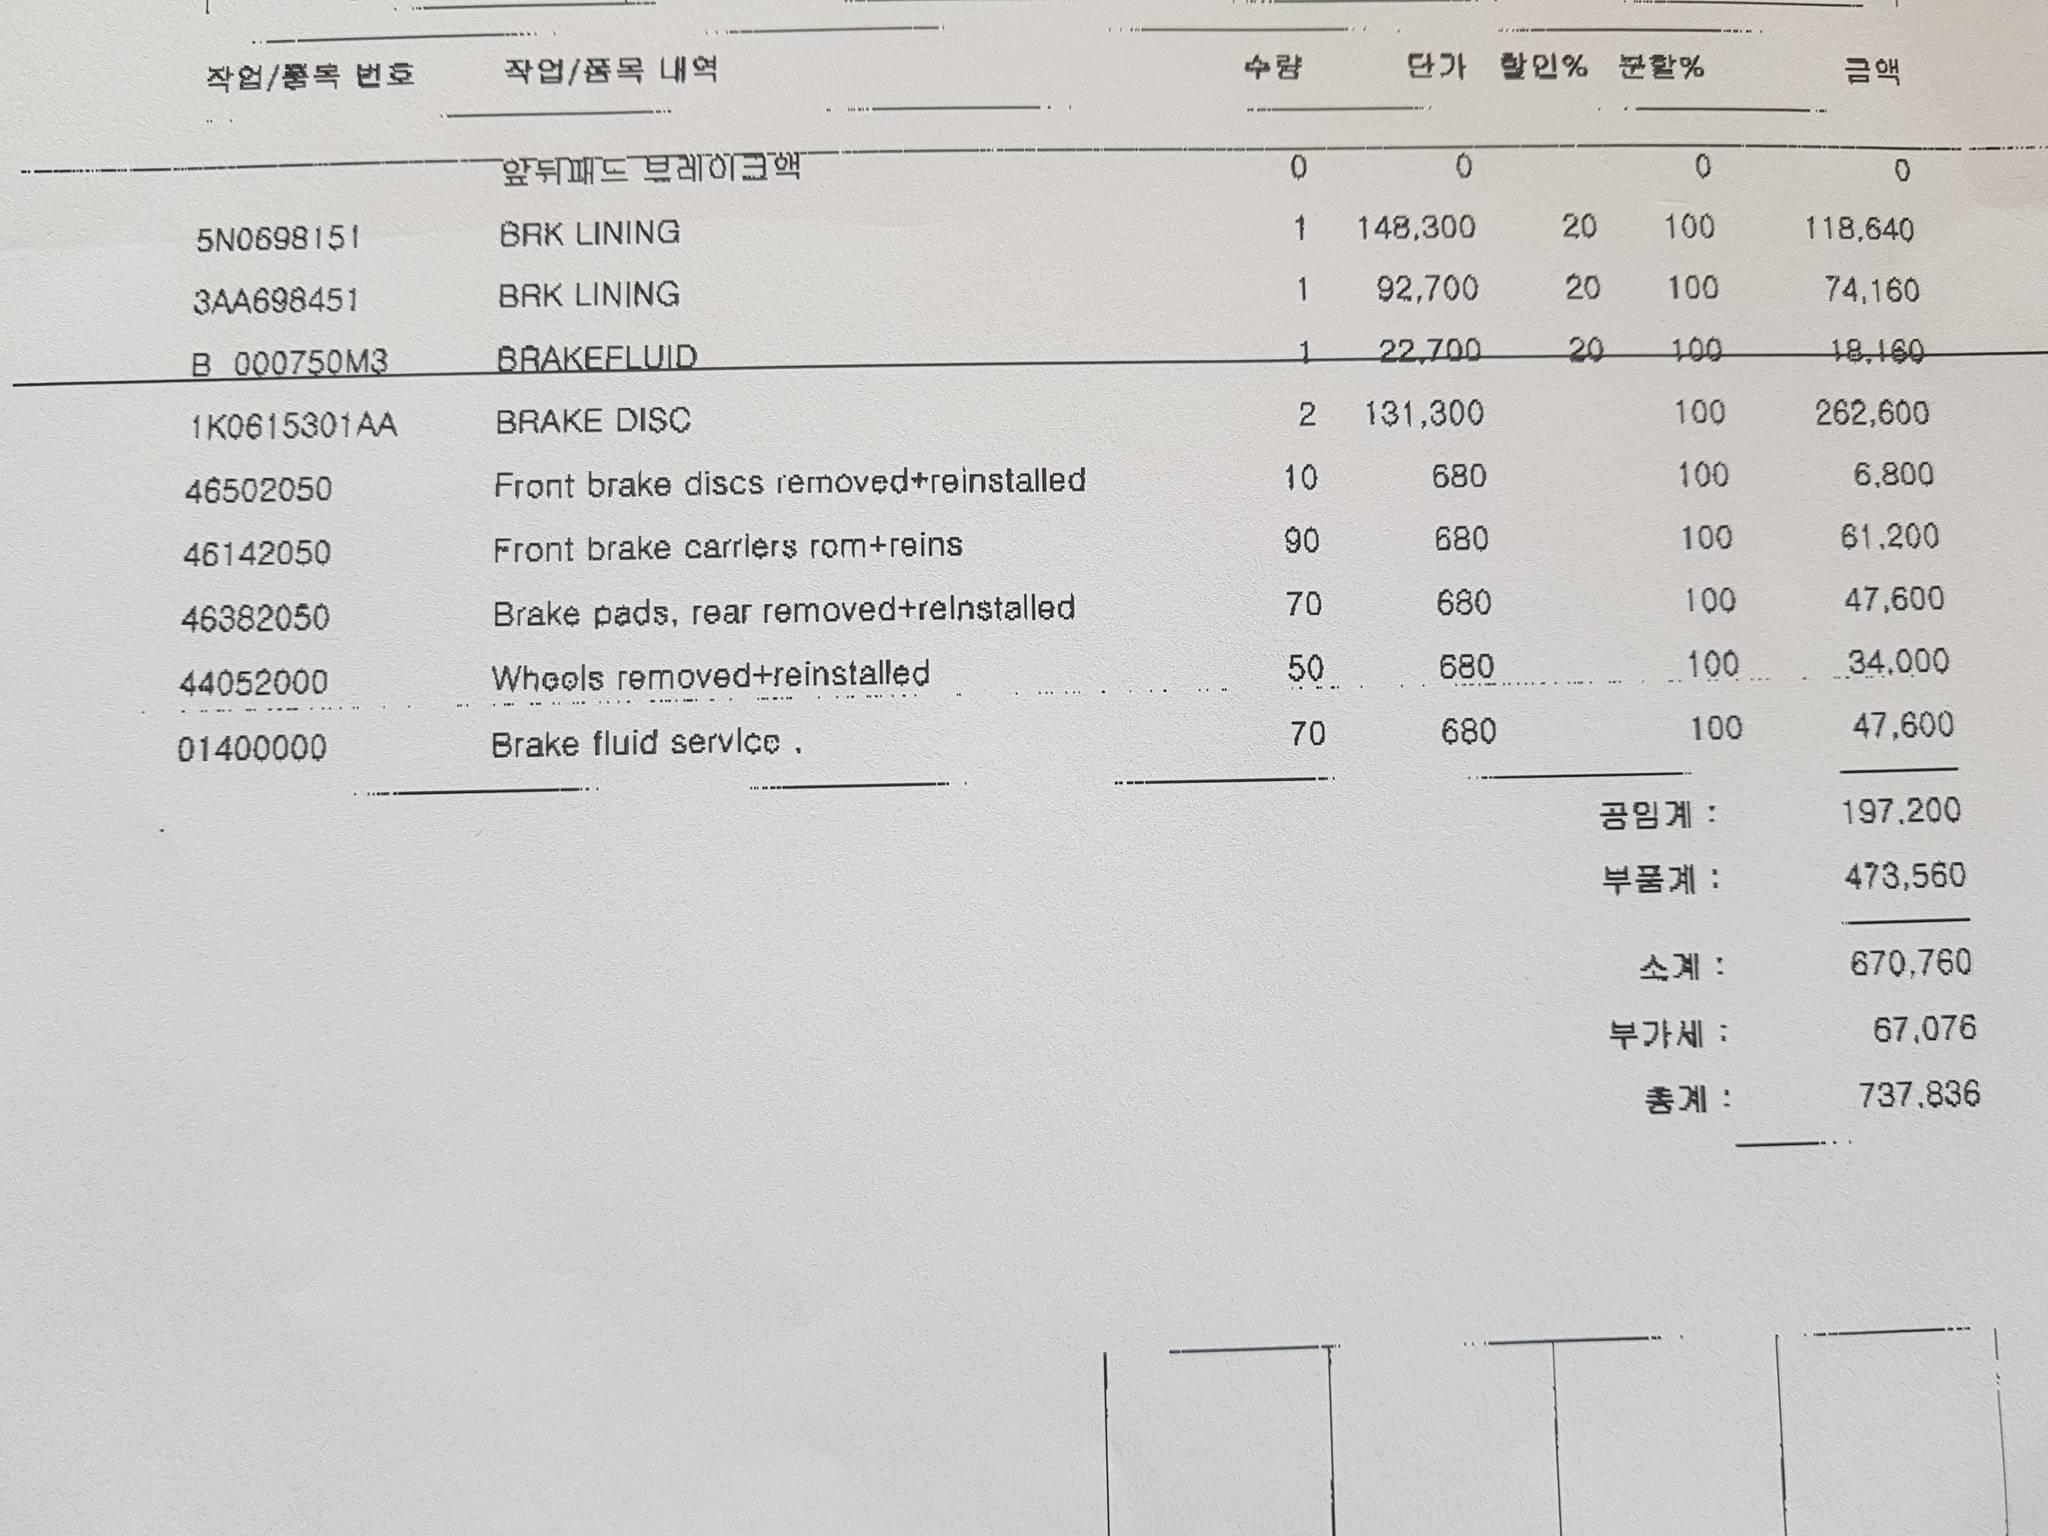 김도현씨가 폭스바겐 클라쎄오토에서 받은 견적서.브레이크 패드 등을 교체하는 비용이 73만여원이다.